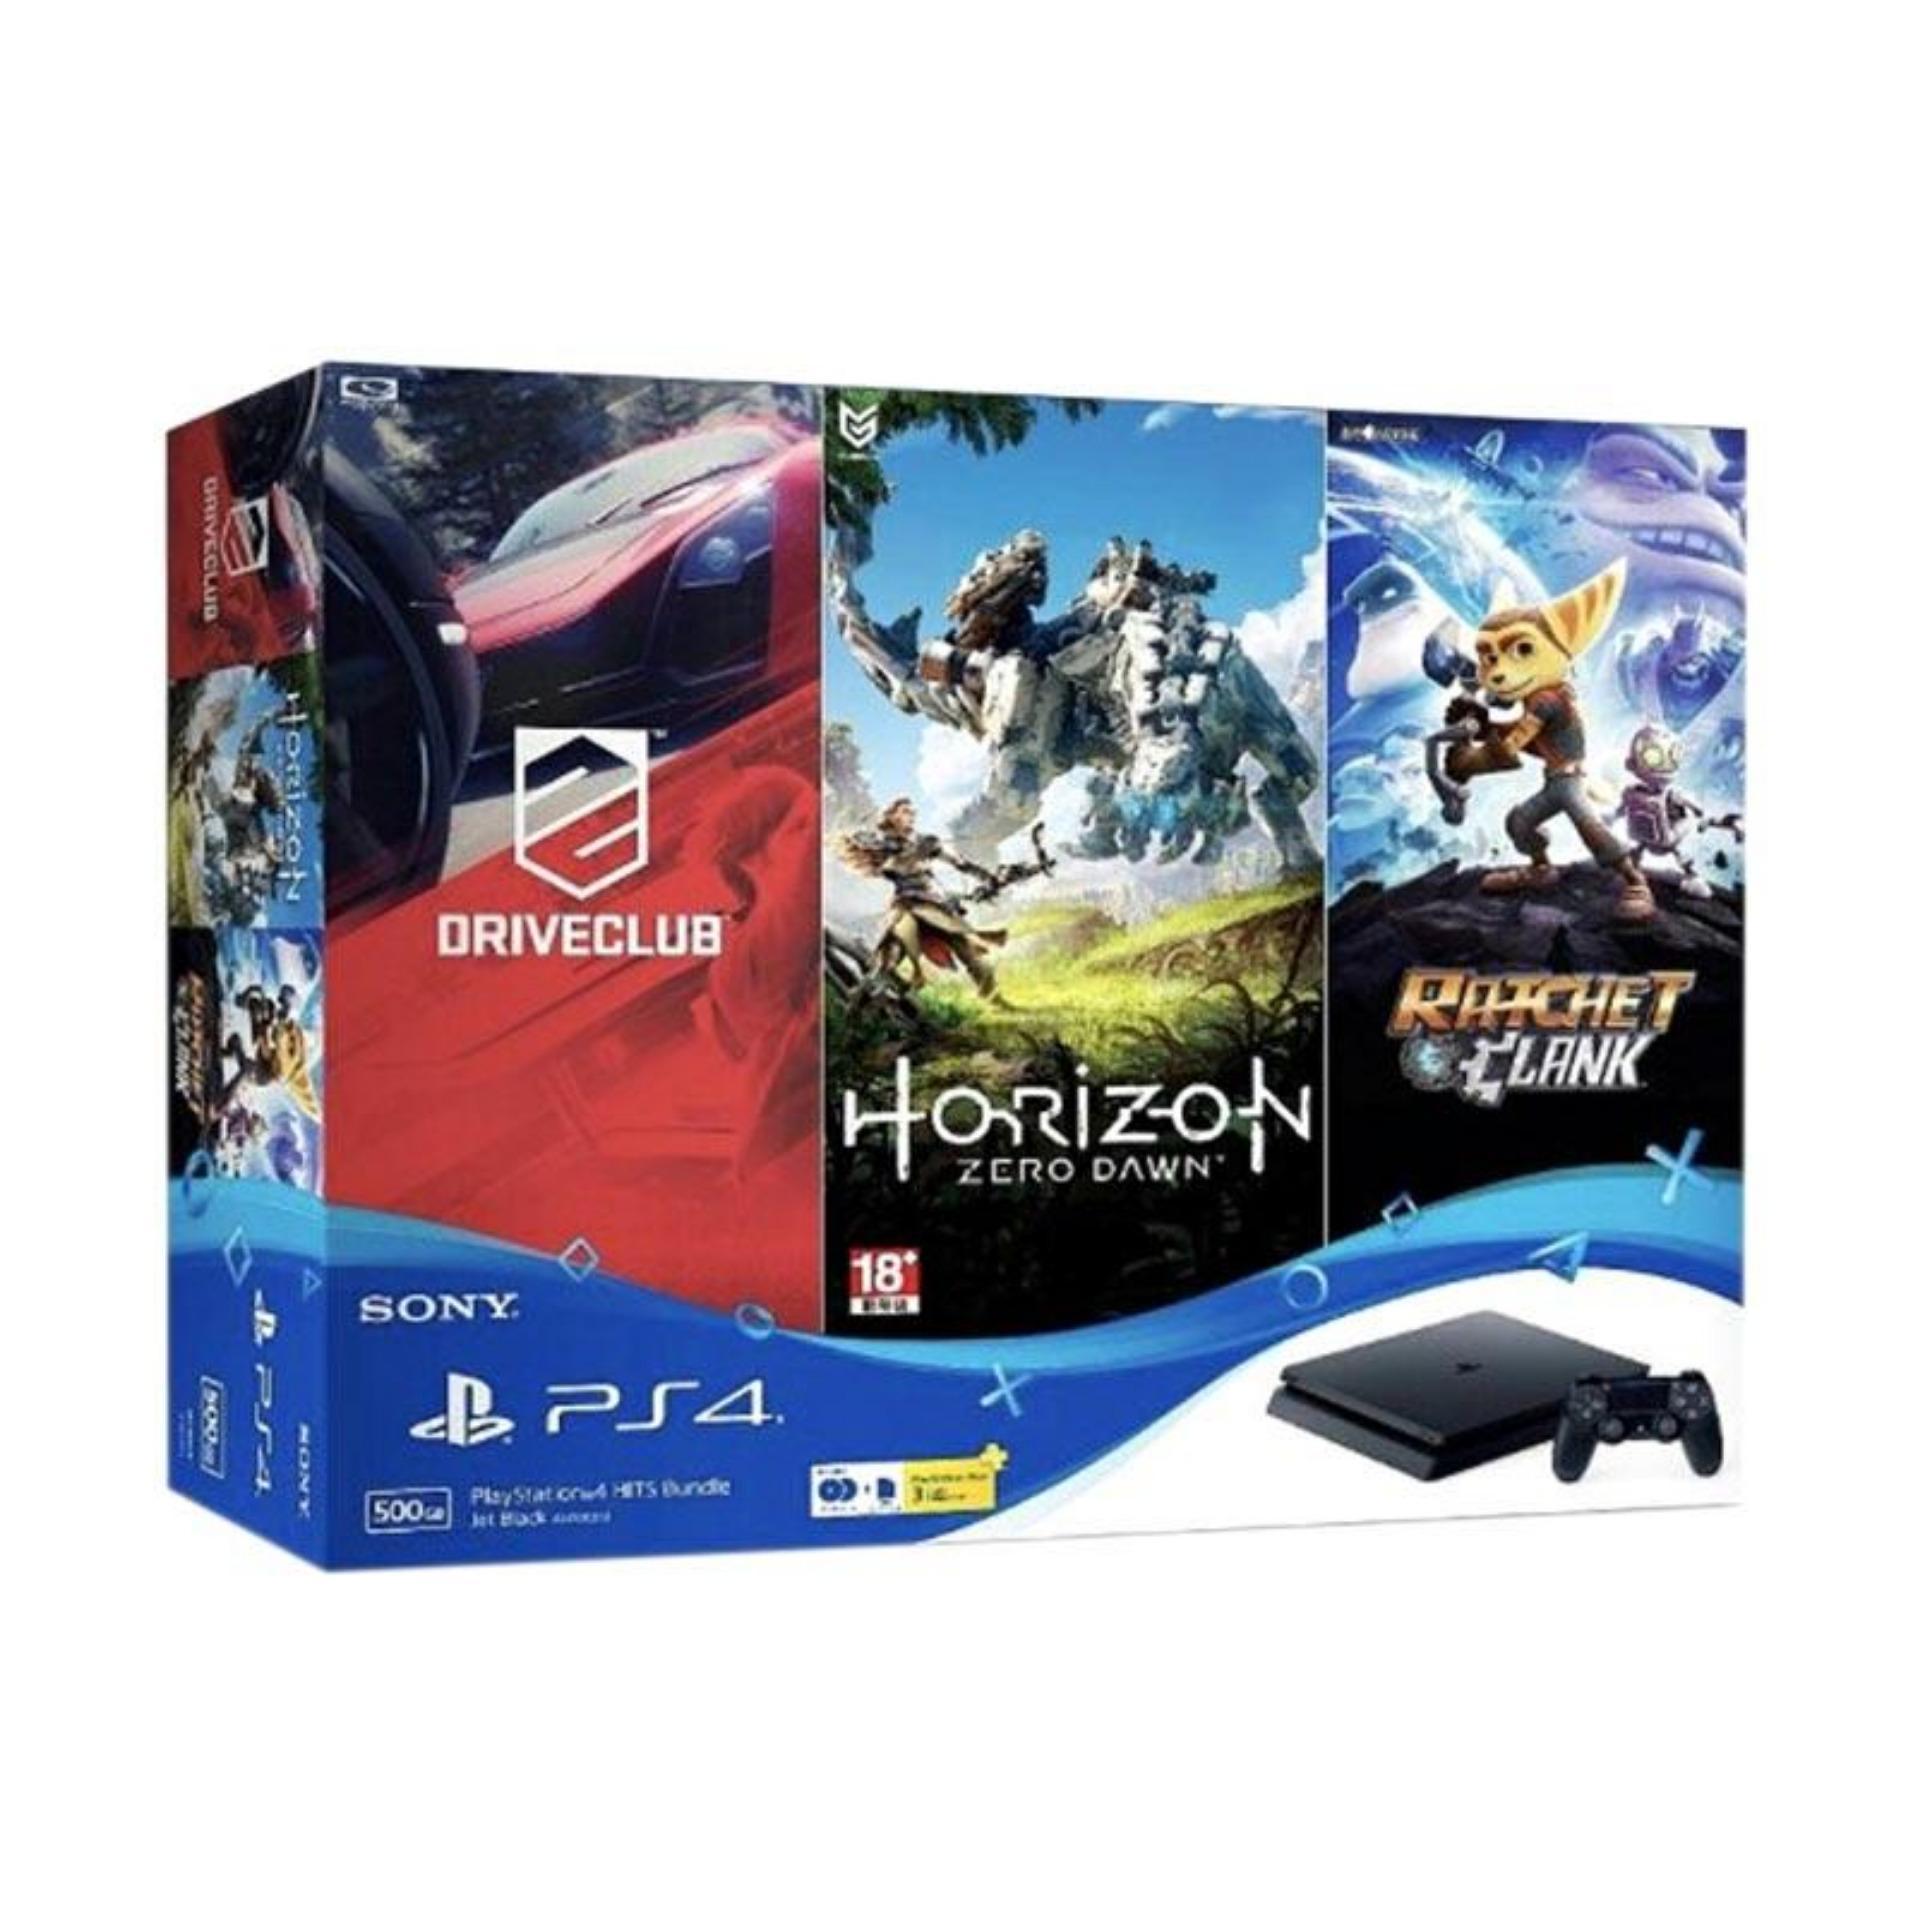 Sony Playstation 4 Slim 500gb Garansi Cuh 2006a Free Extra Controller Hits Bundle